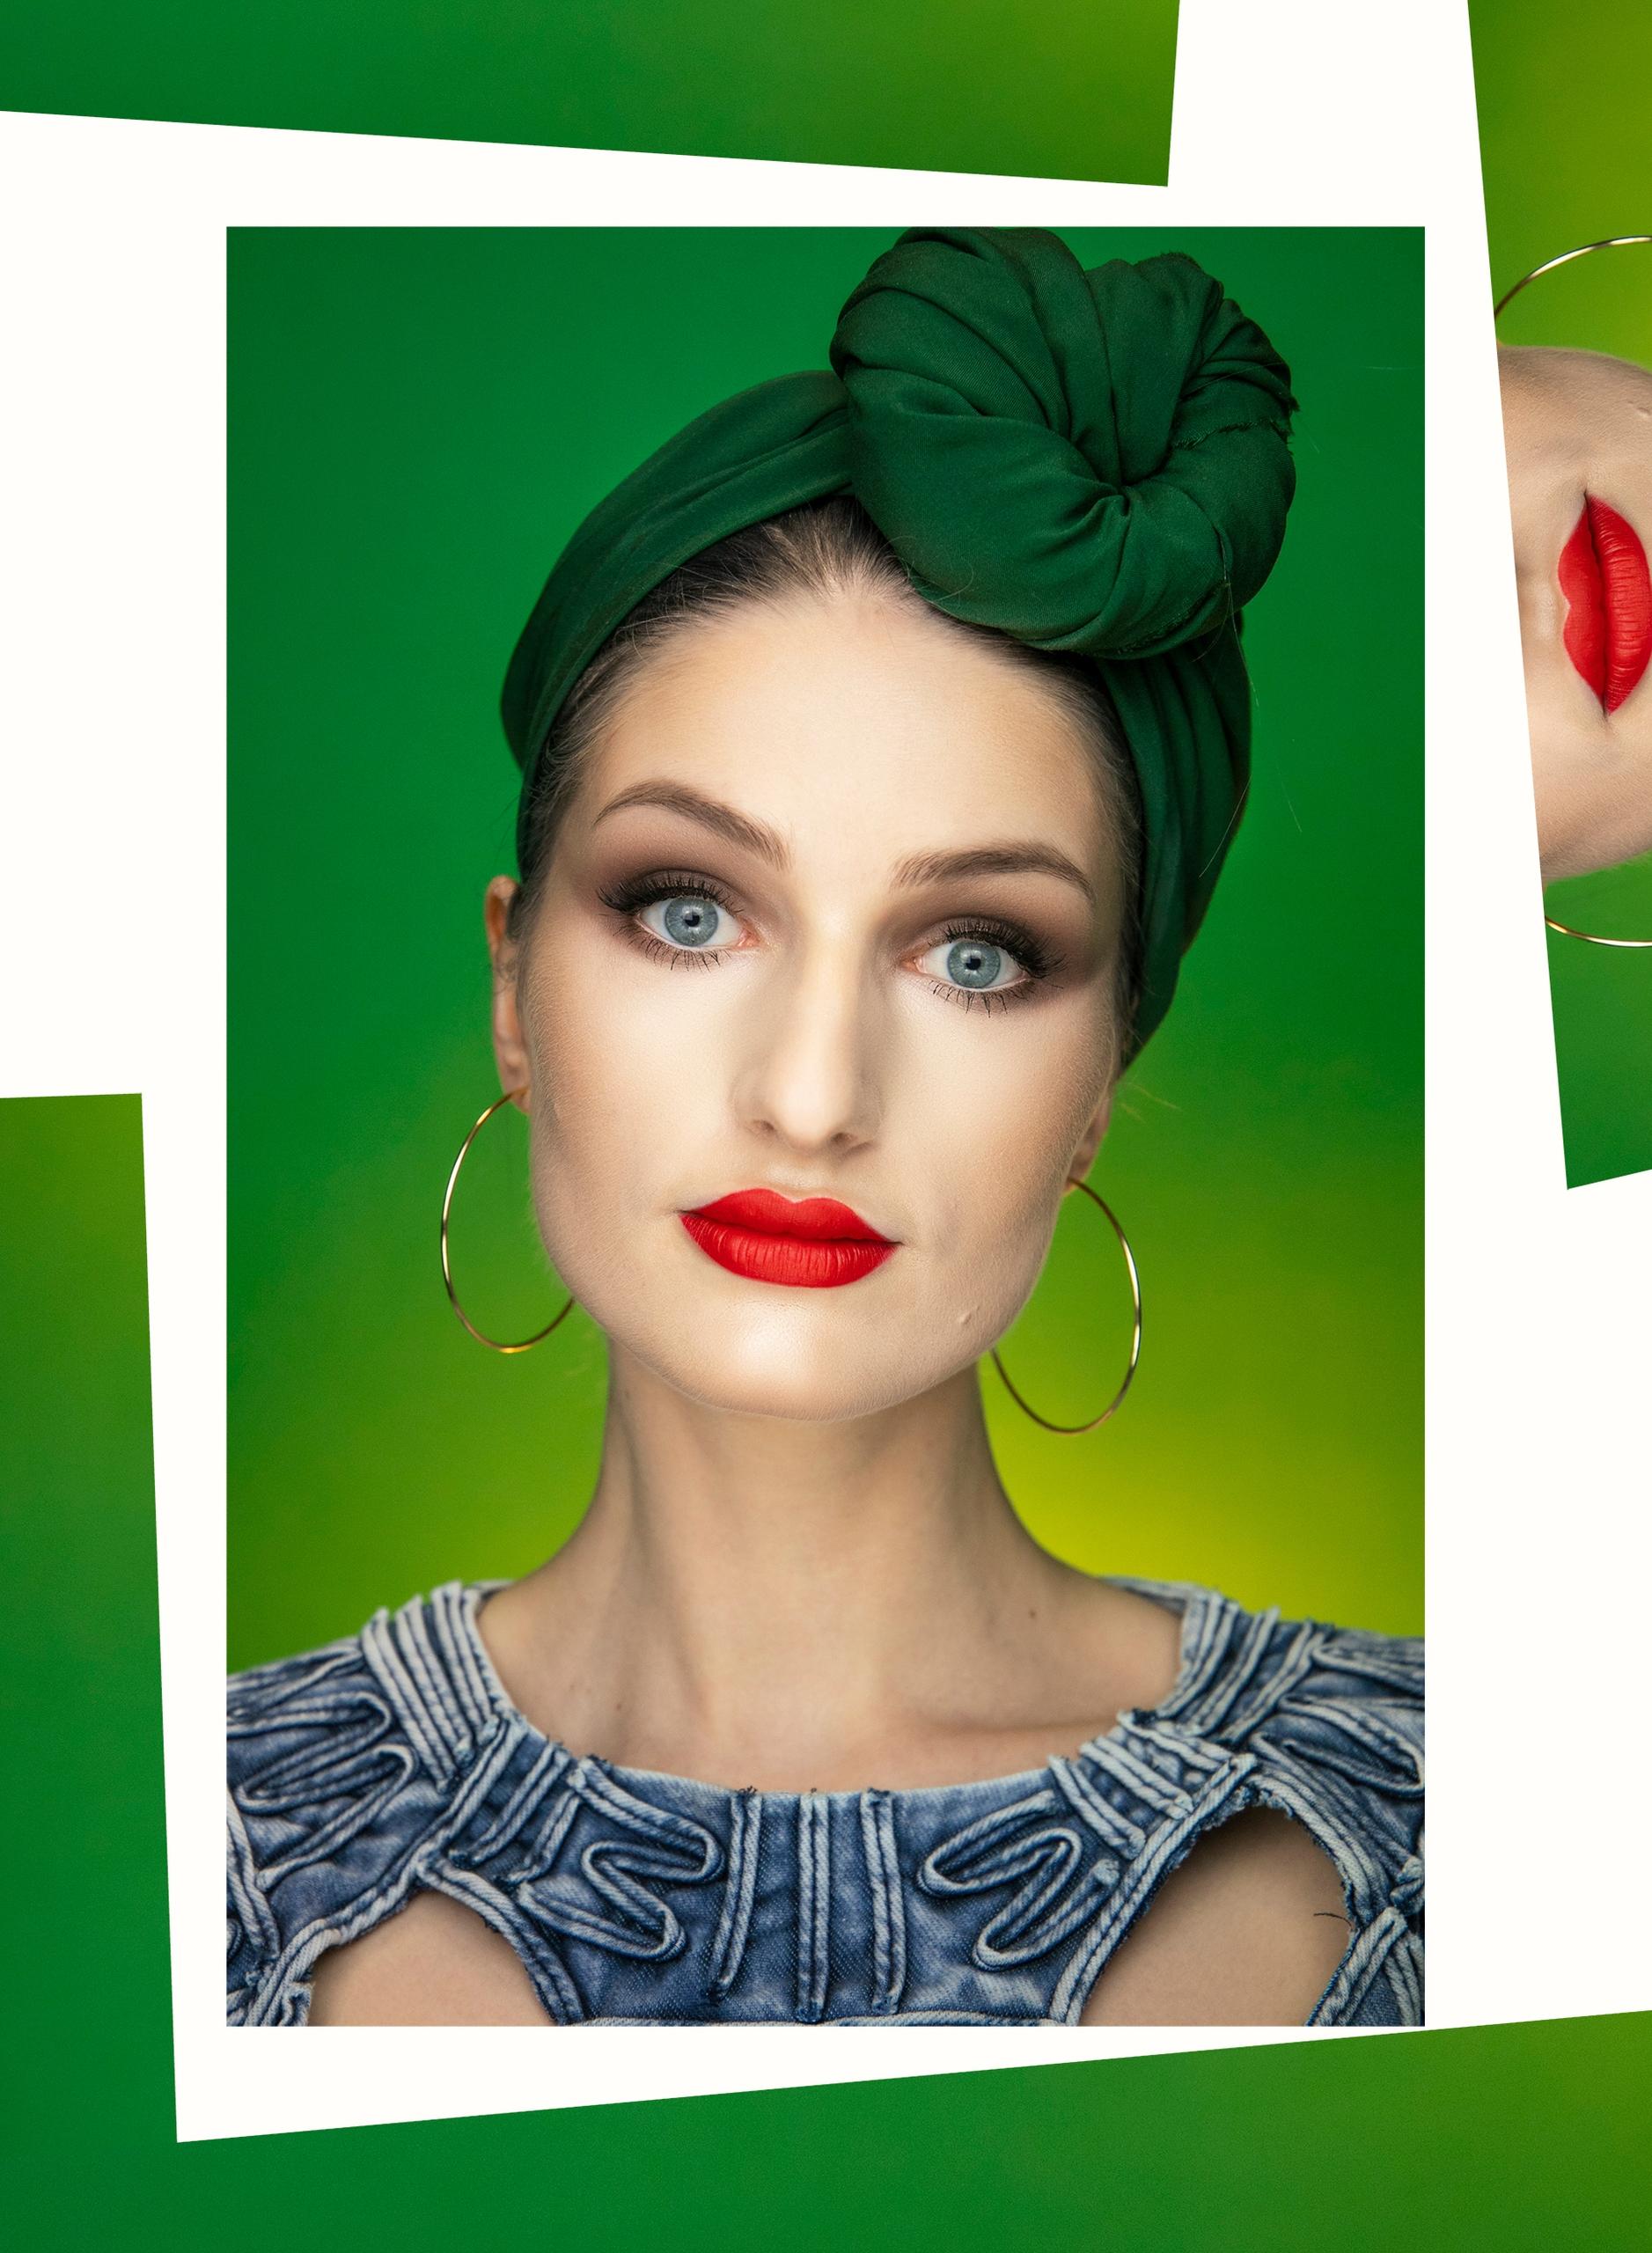 Obraz przedstawia portret kobiety w zielonym turbanie na zielonym tle. Dookoła zdjęcia pojawiają się graficzne zielne kształty.